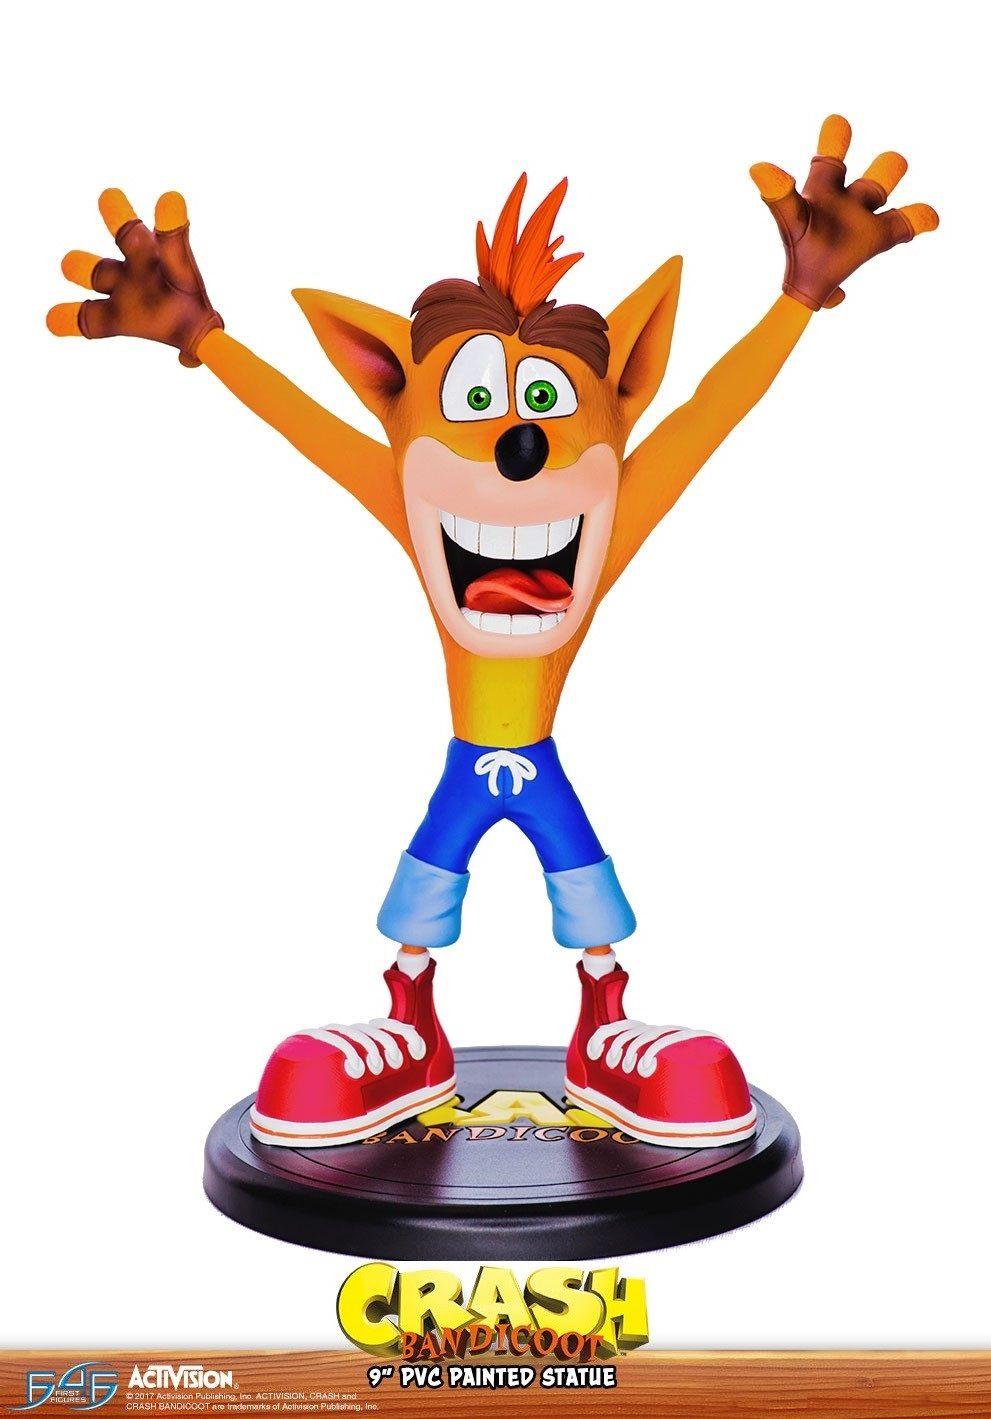 Crash Bandicoot - Regular Edition